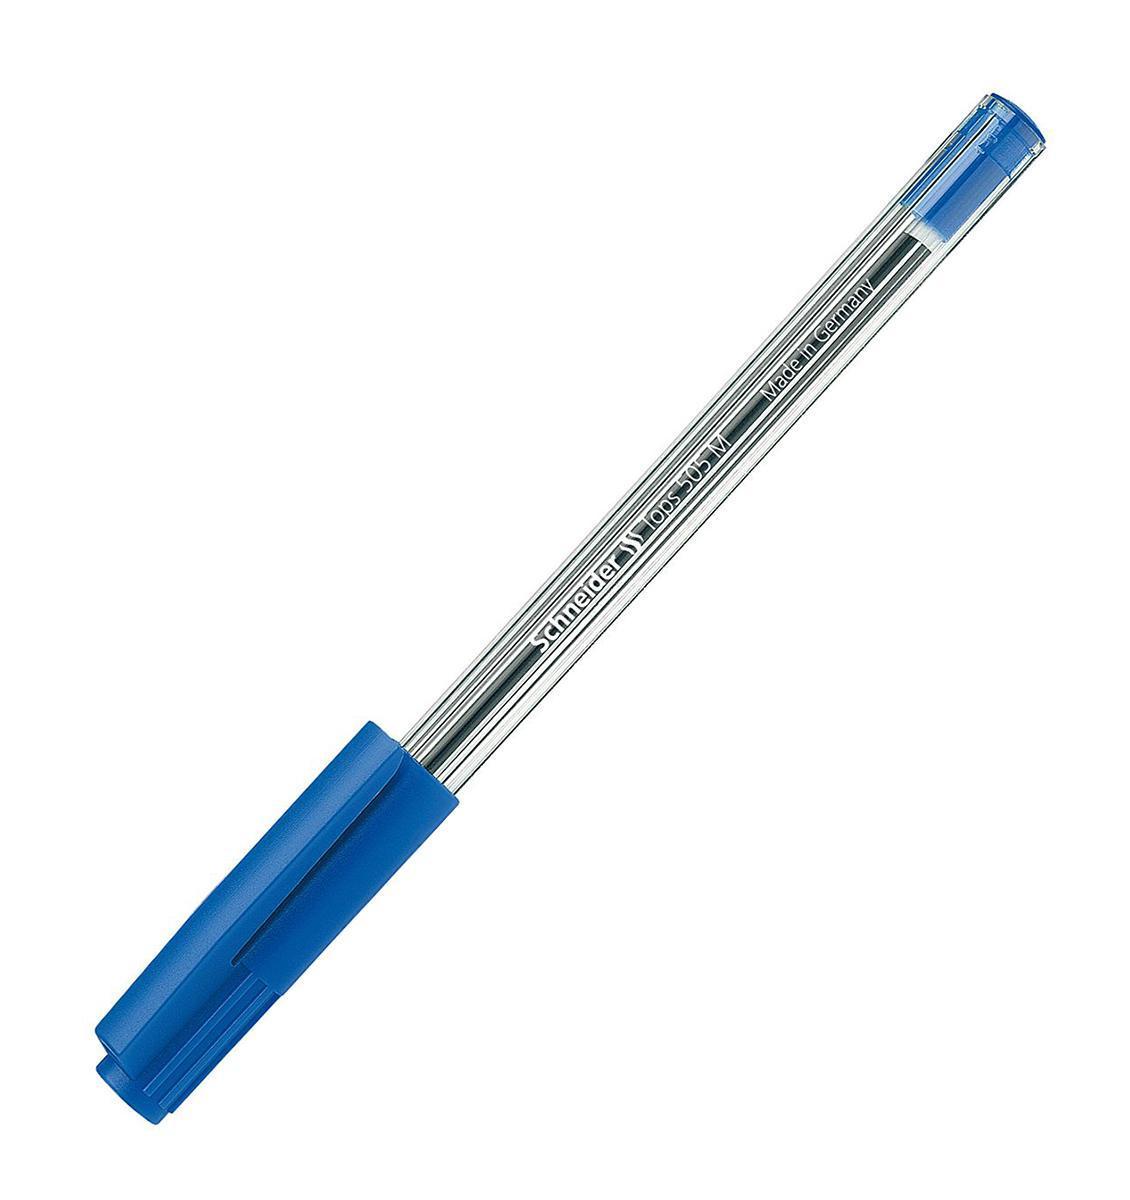 Ручка шариковая TOPS 505, M - 0,5 мм, прозрачный корпус; синий цвет чернил.S506/3 S506-01/3